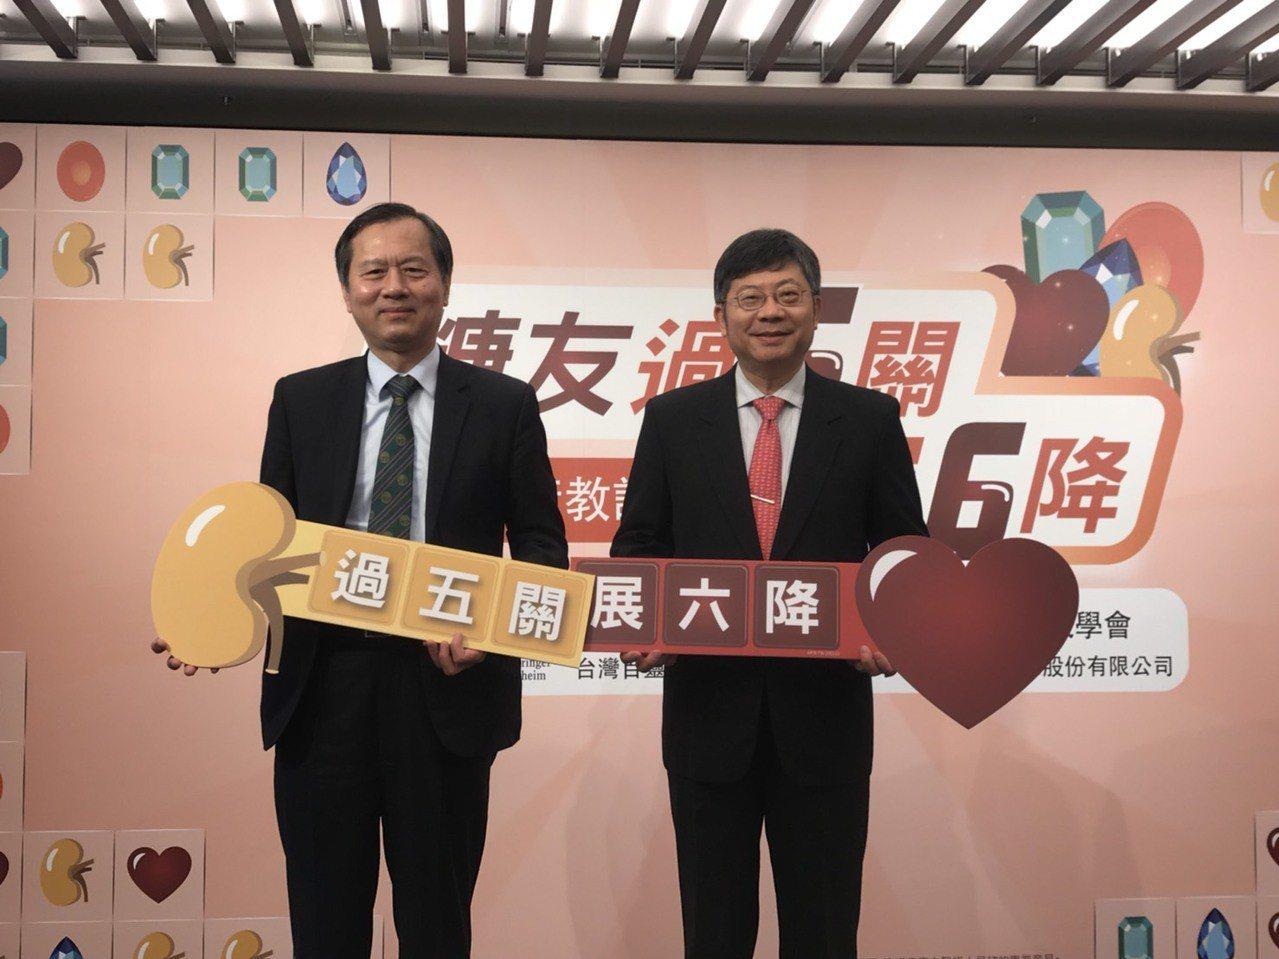 中華民國糖尿病學會理事長許惠恒與中華民國心臟學會理事長黃瑞仁(由左至右)今表示,...